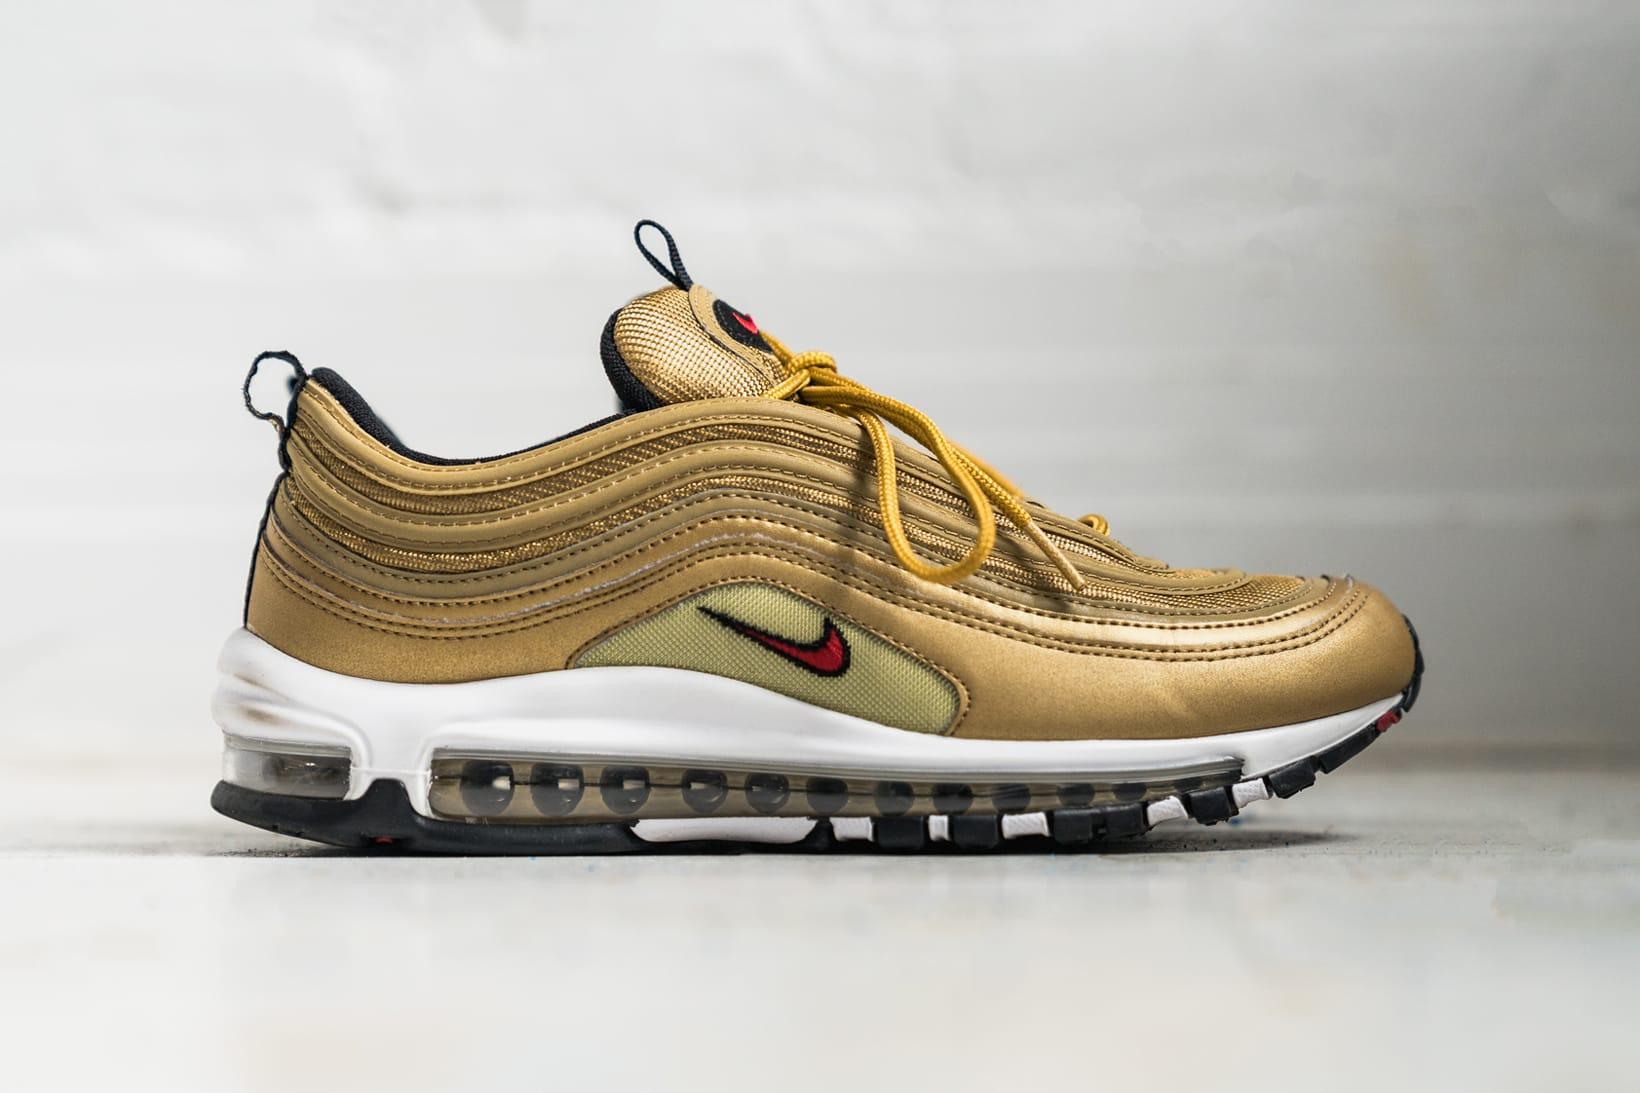 Nike Air Max 97 in Metallic Gold